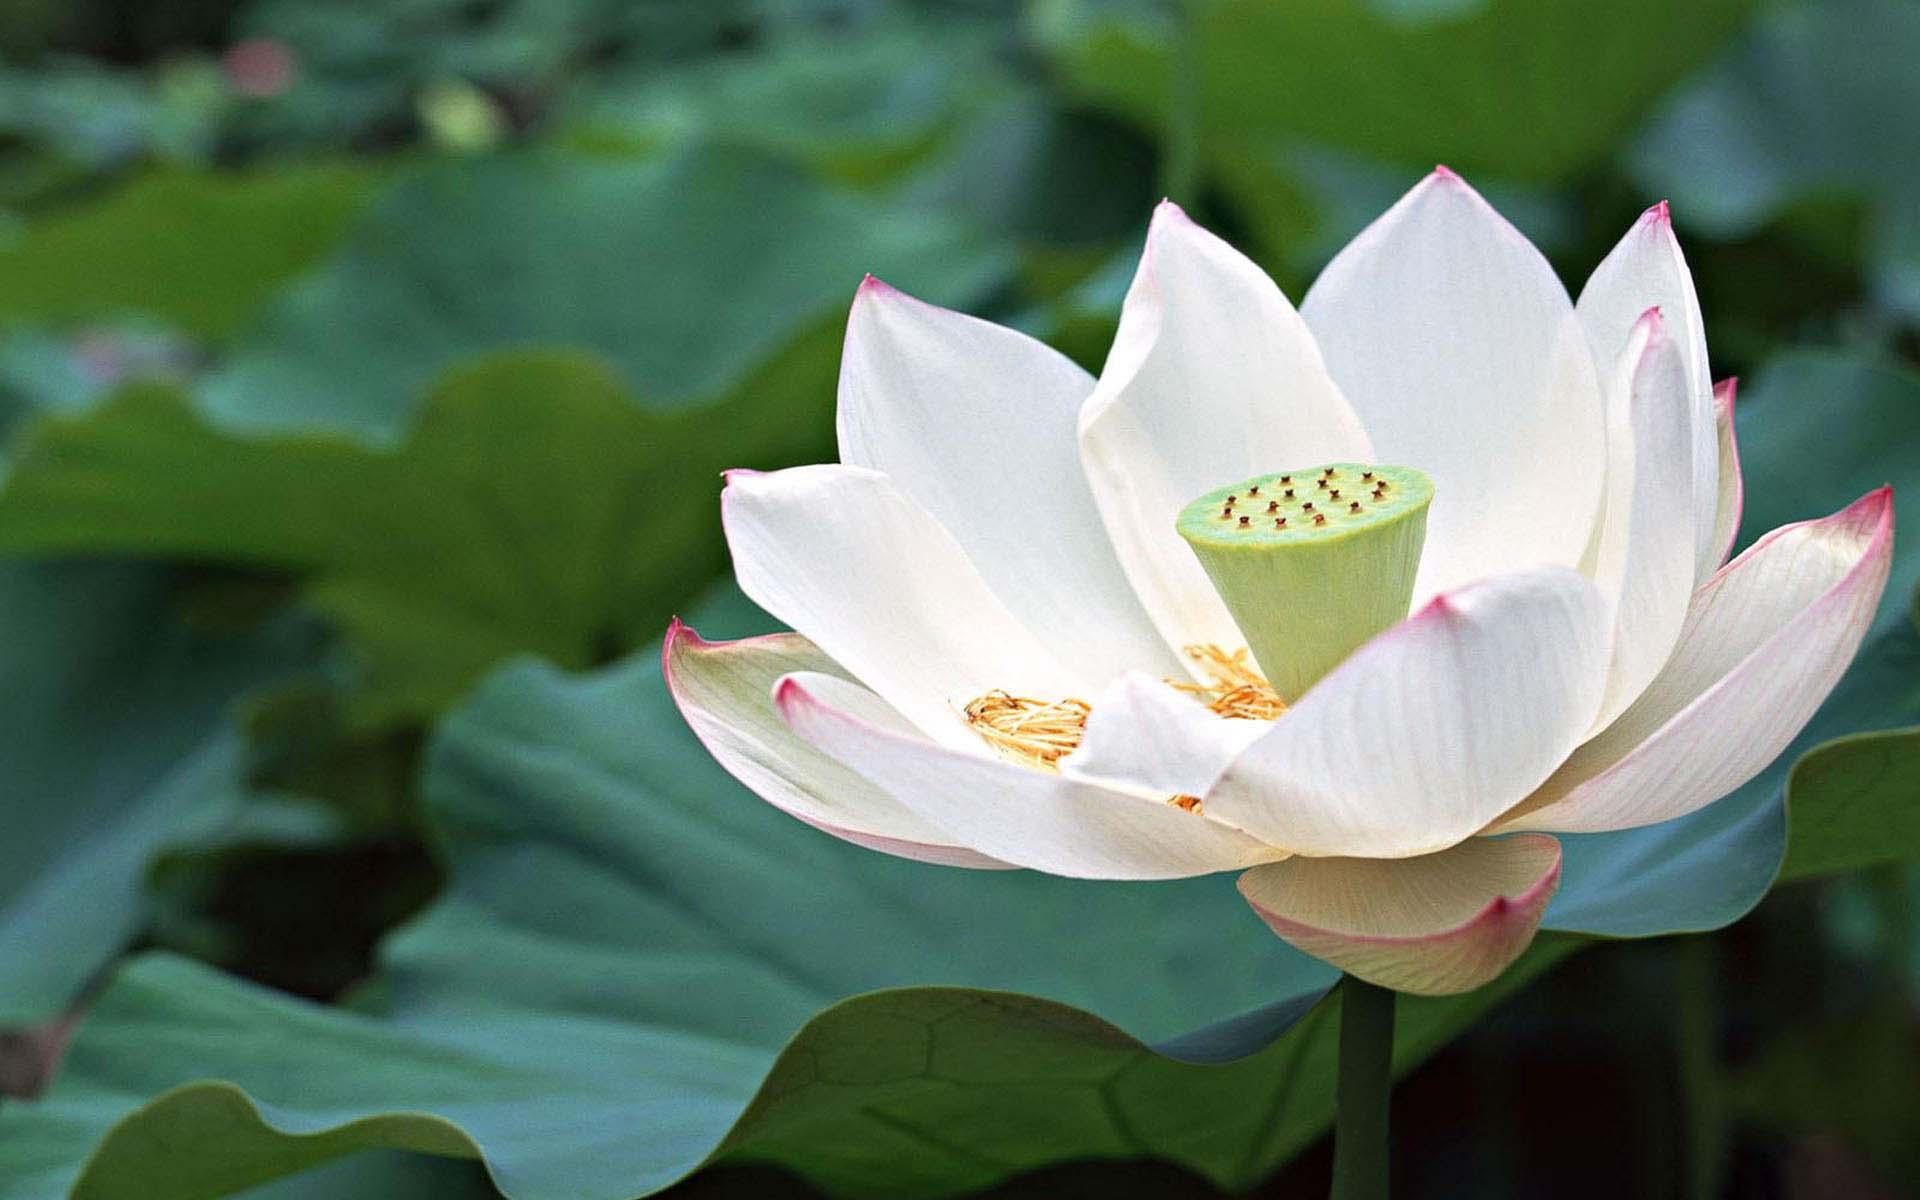 Hình ảnh đóa hoa sen đẹp nhất